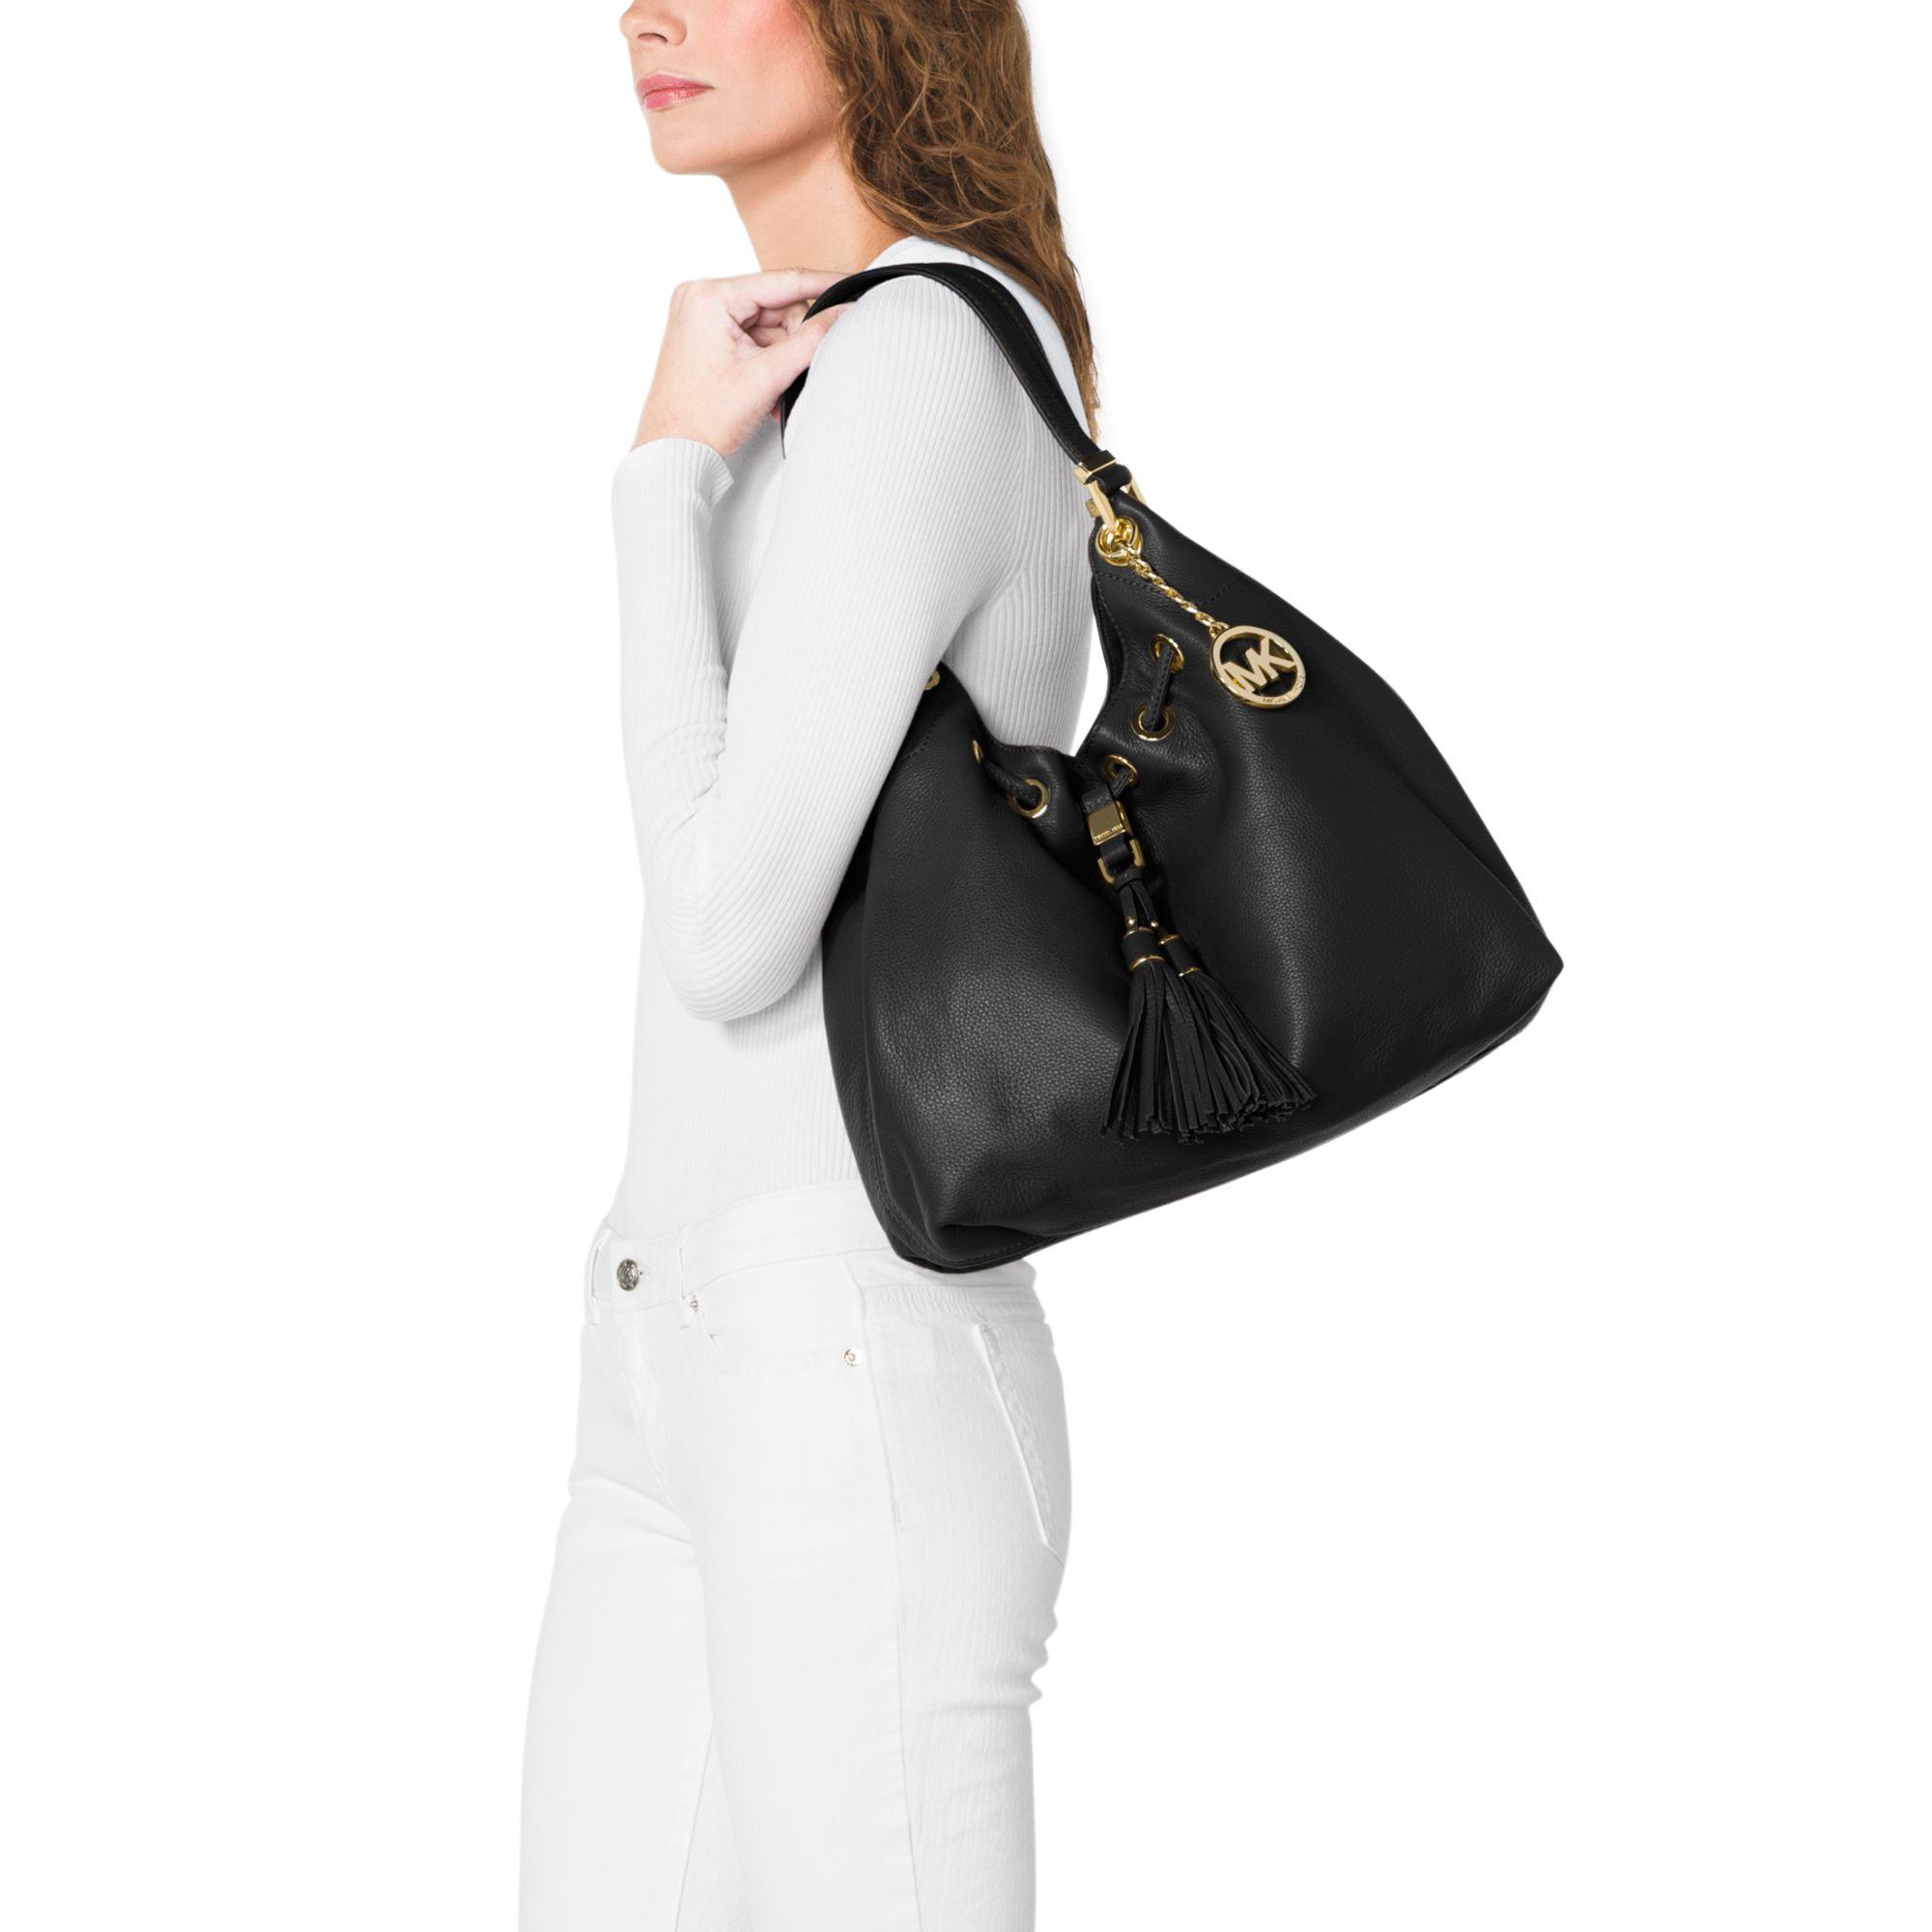 b5b28686f78884 Michael Kors Camden Large Leather Shoulder Bag in Black - Lyst